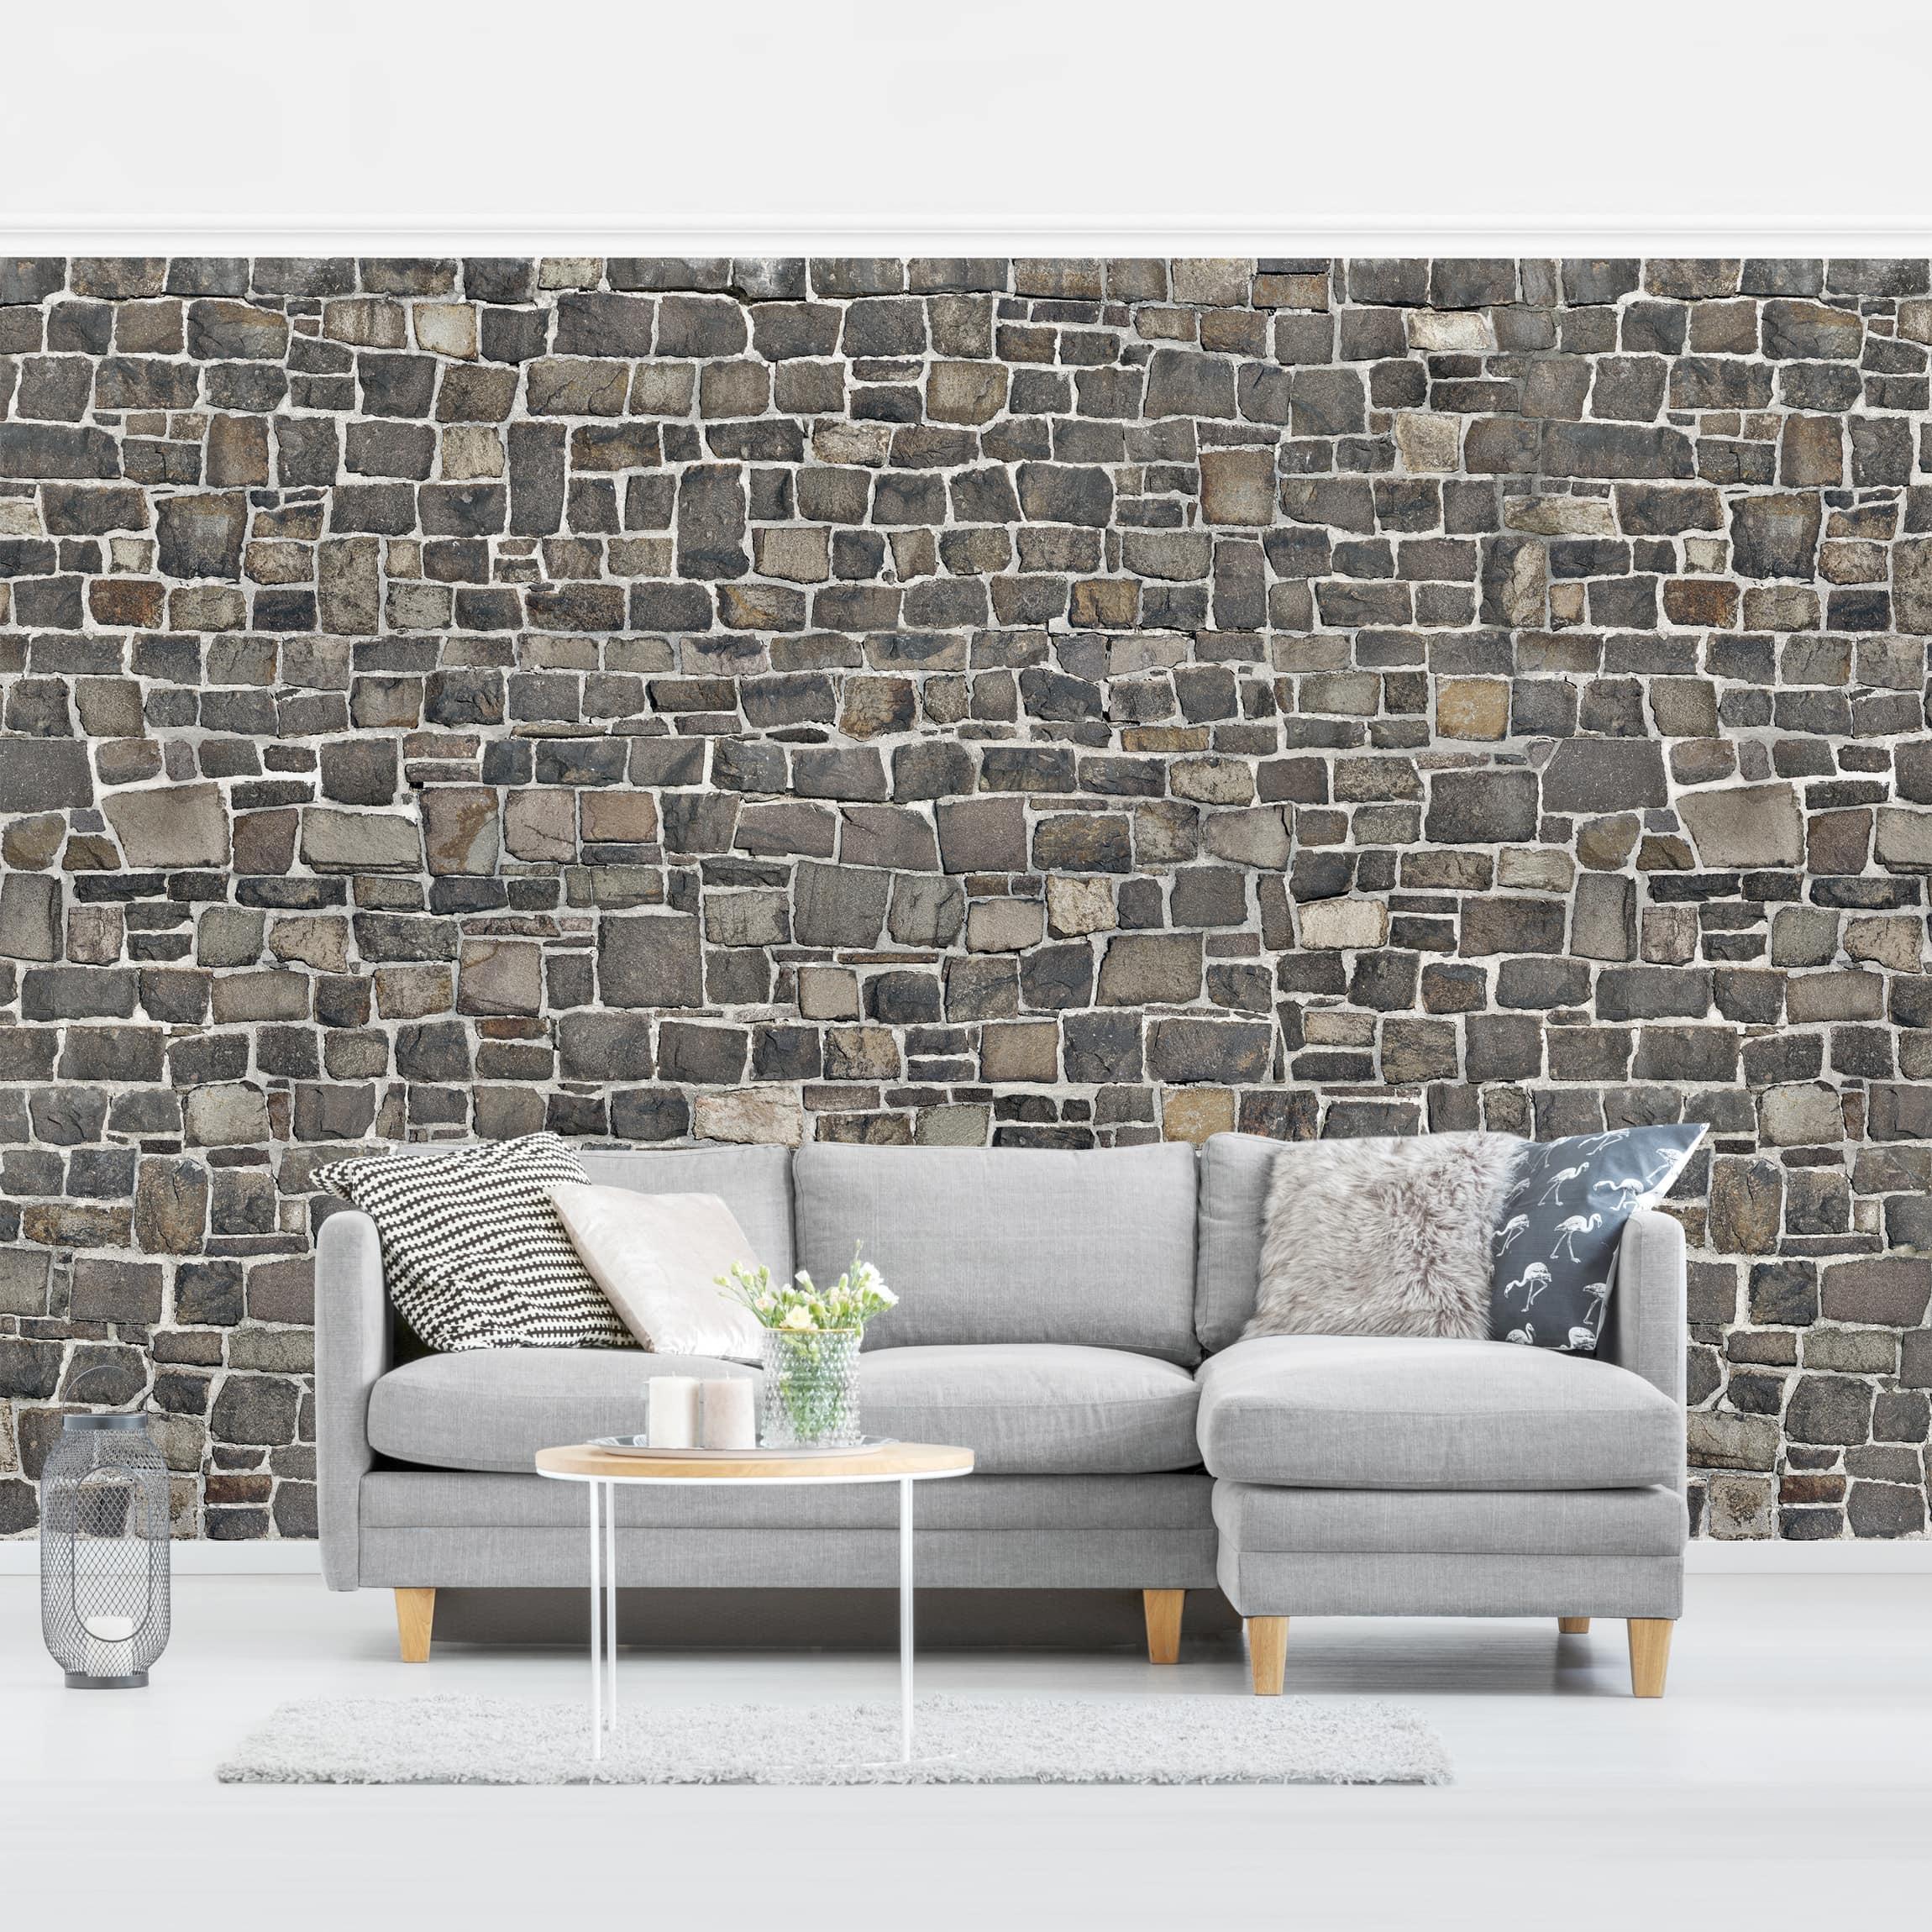 Steintapete Bruchsteintapete Natursteinwand günstig online kaufen